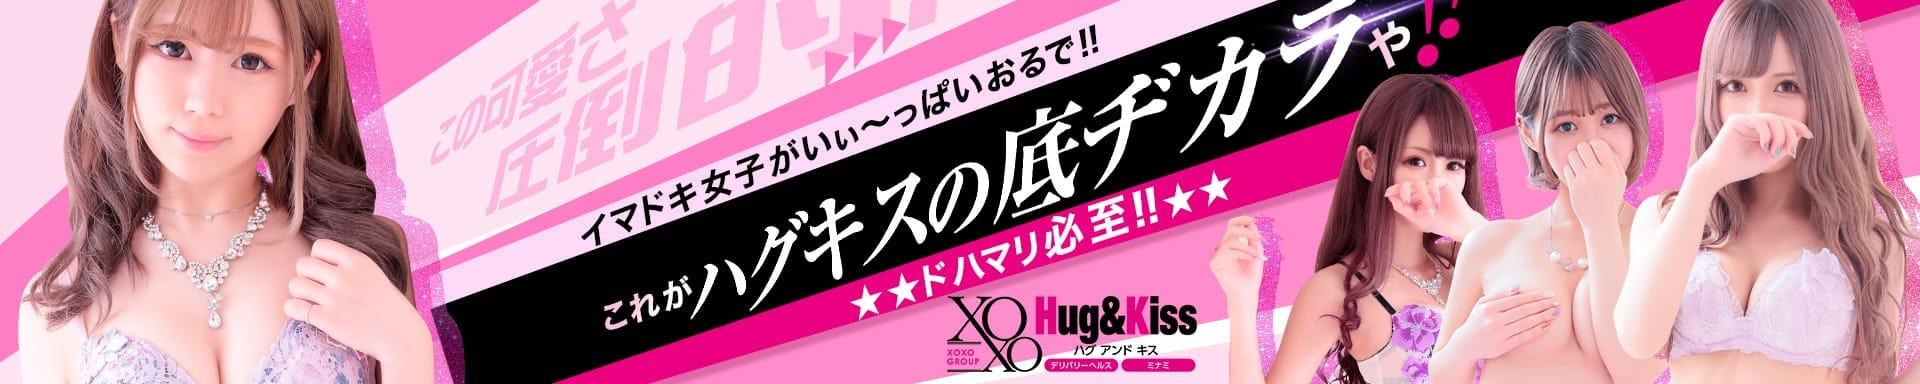 XOXO Hug&Kiss梅田(ハグアンドキス) その3